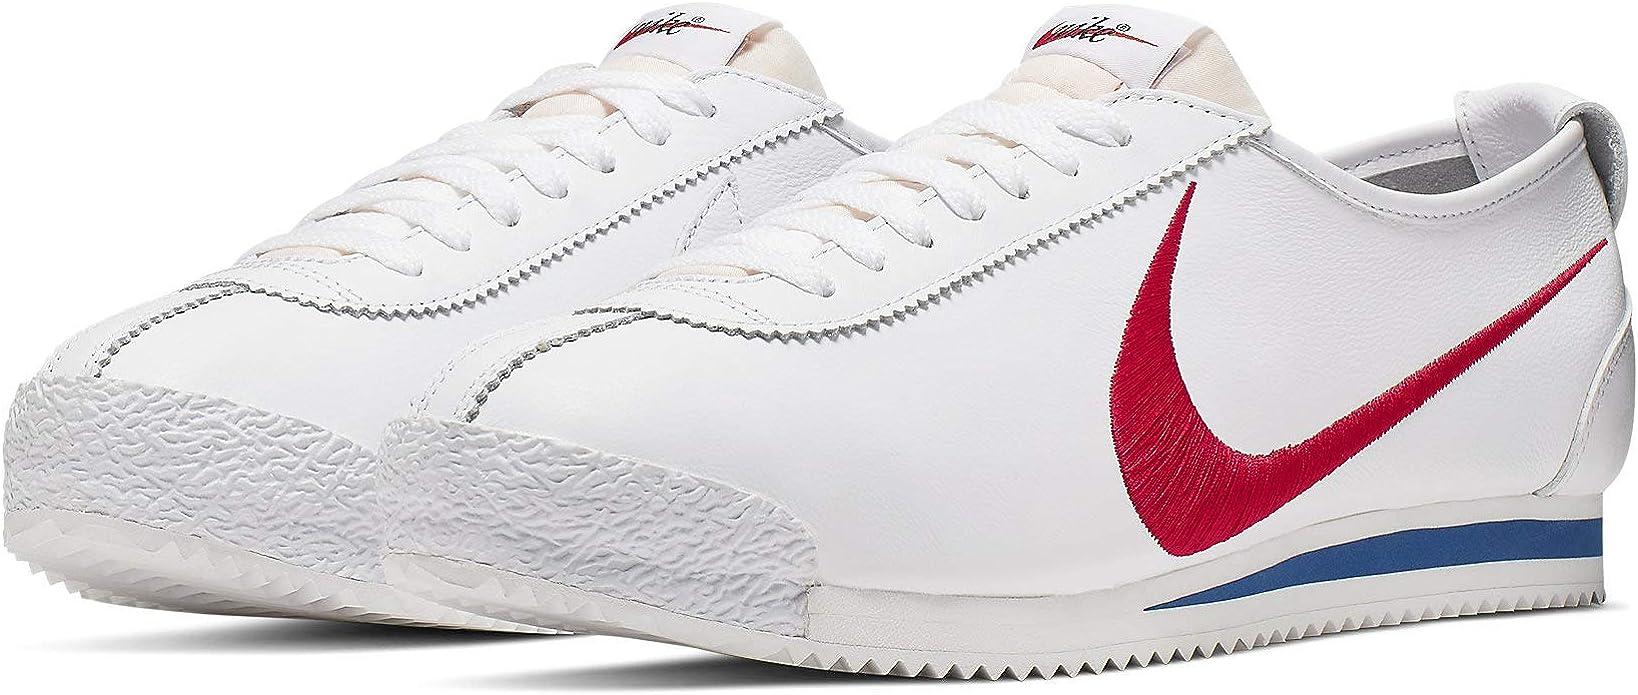 Saturar Un fiel no se dio cuenta  Amazon.com: Nike Cortez 72 S.D. (Blanco/Varsity Rojo/Game Royal 4): Shoes